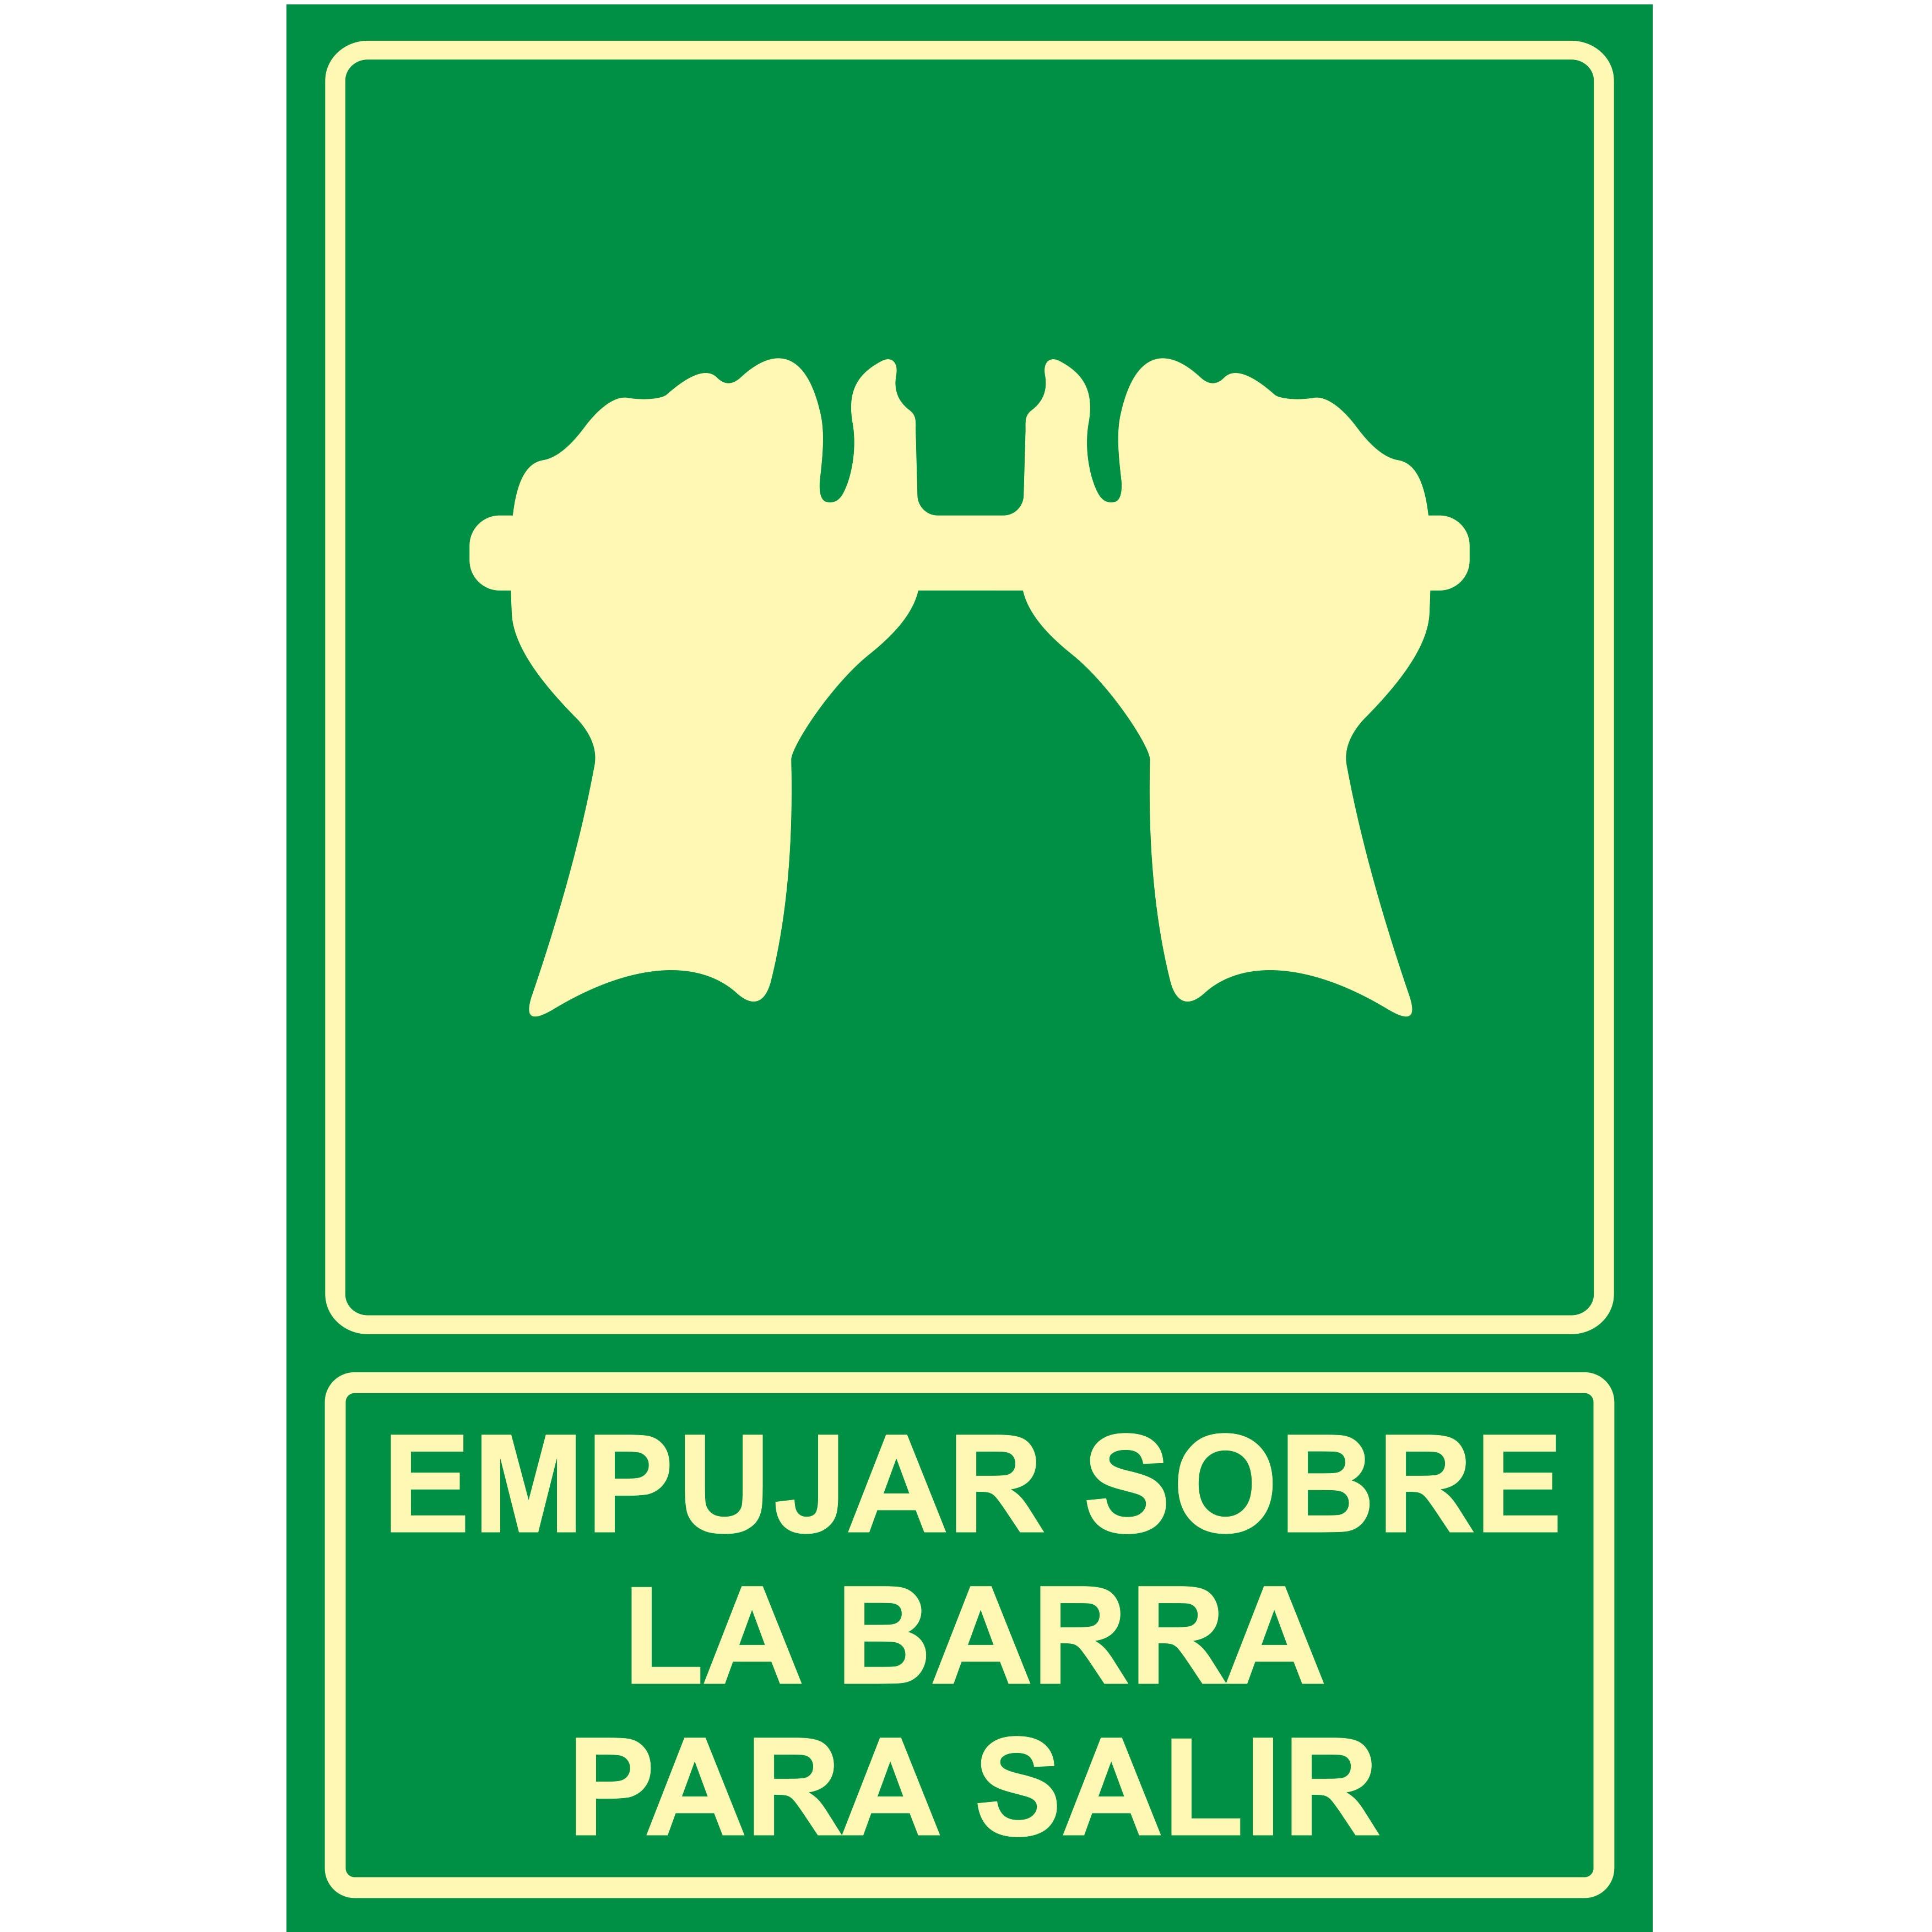 Señal EMPUJAR SOBRE LA BARRA PARA SALIR